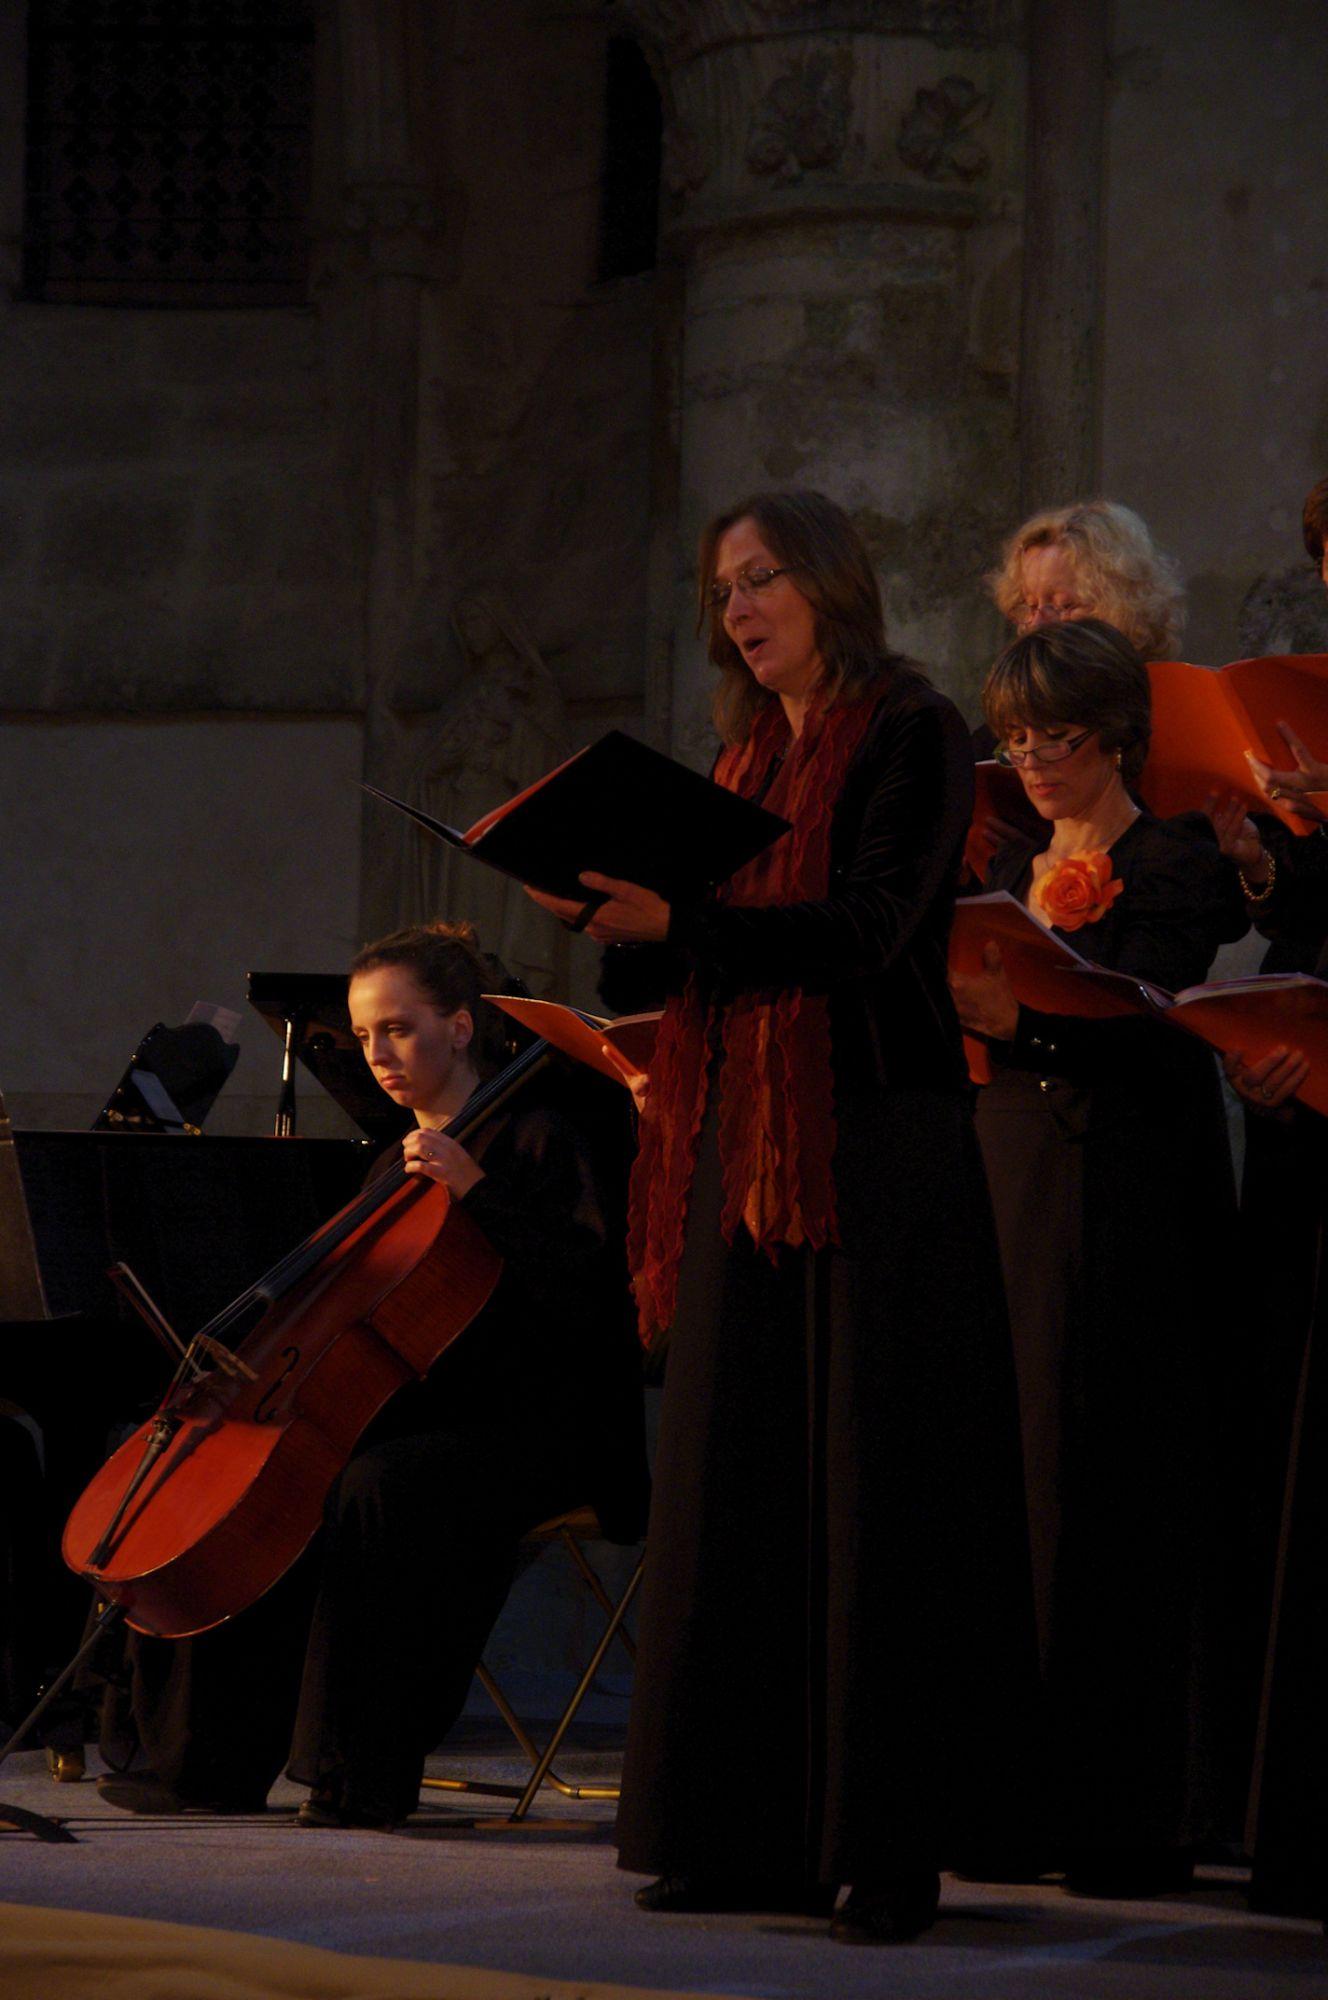 Violoncelle et soliste